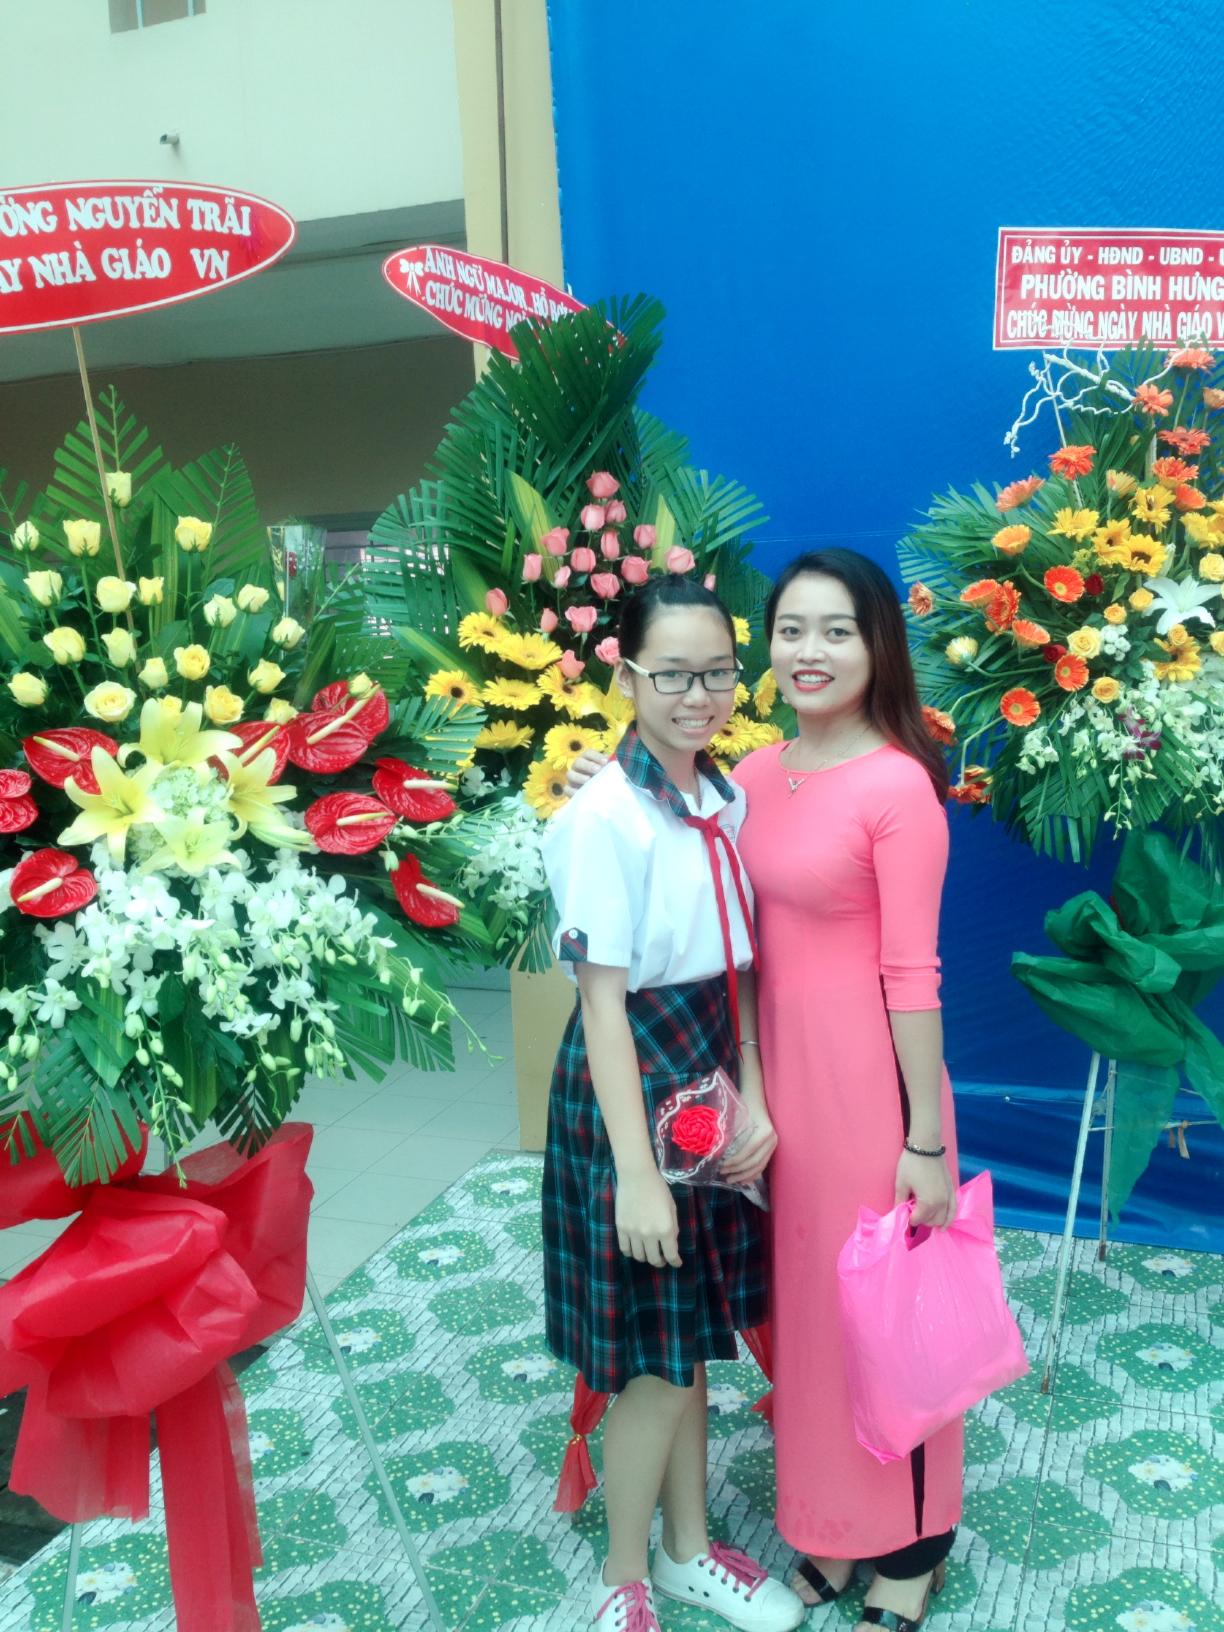 Hoàng Thị Ngân Hồng